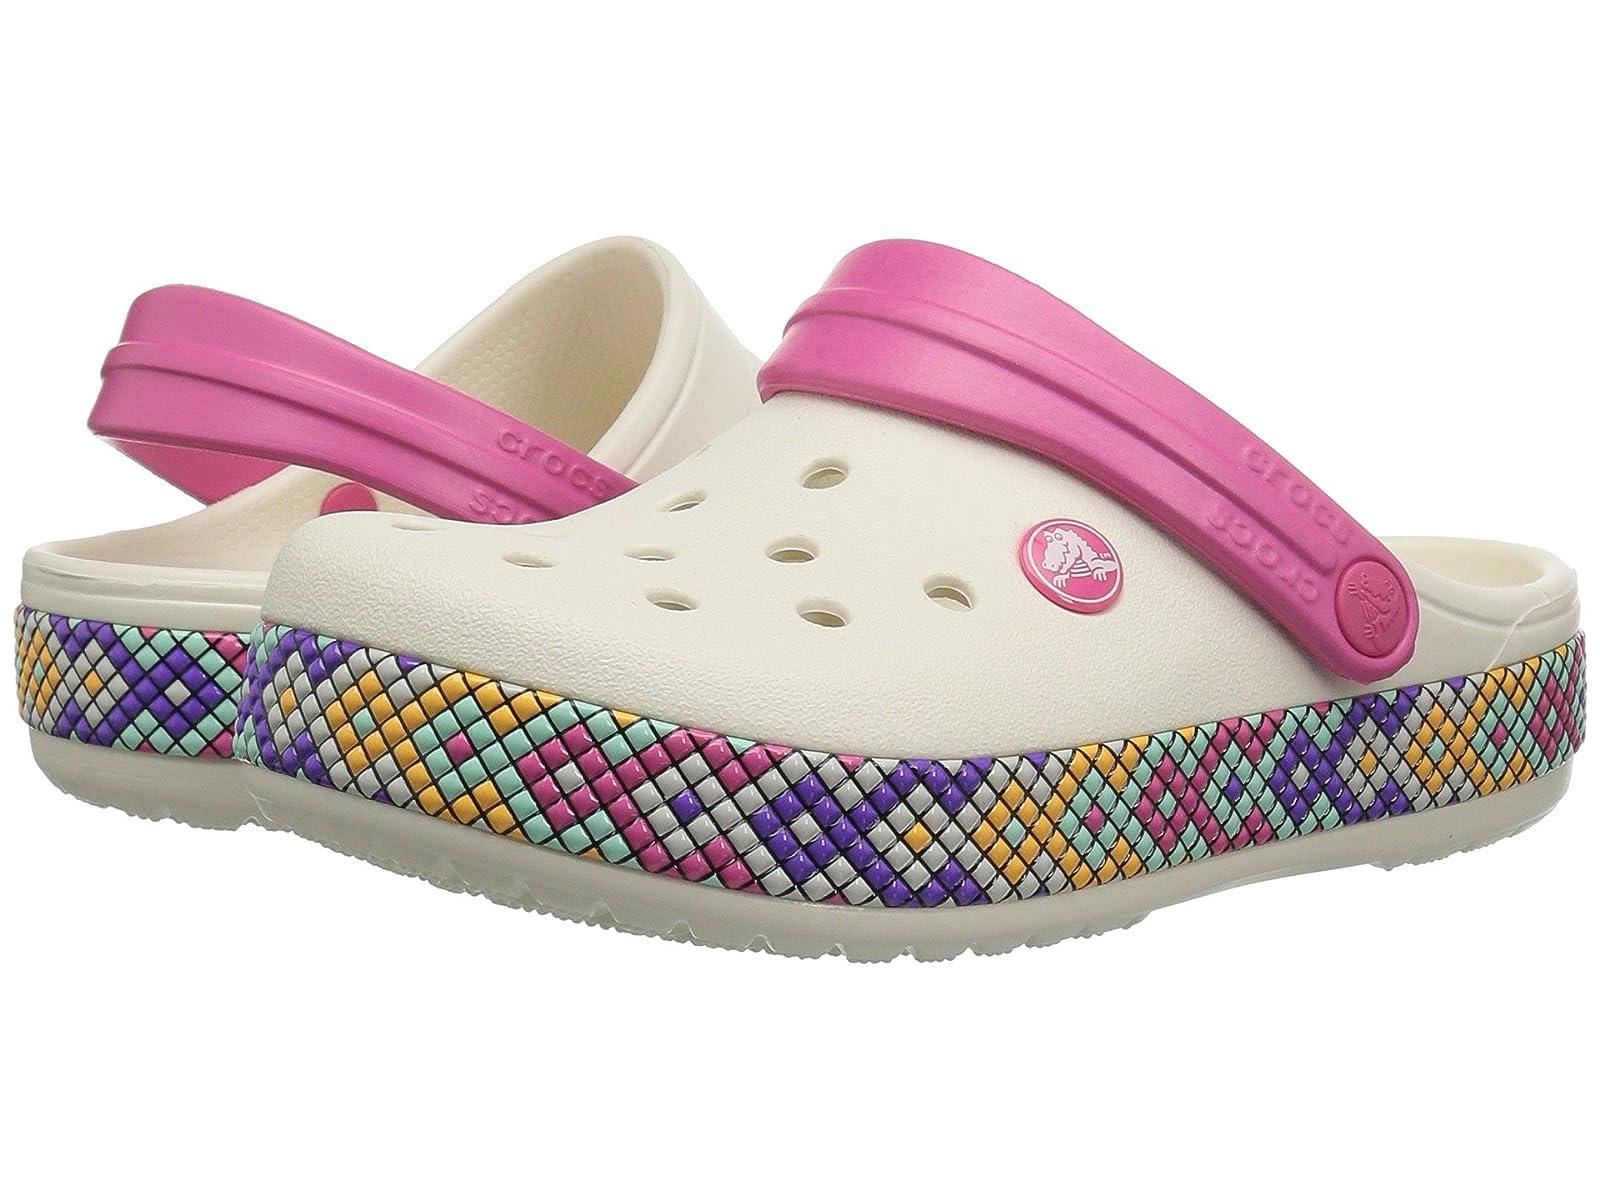 Crocs Crocband Kids Crocband Crocs Gallery Clog (Toddler/Little Kid) 8ce912